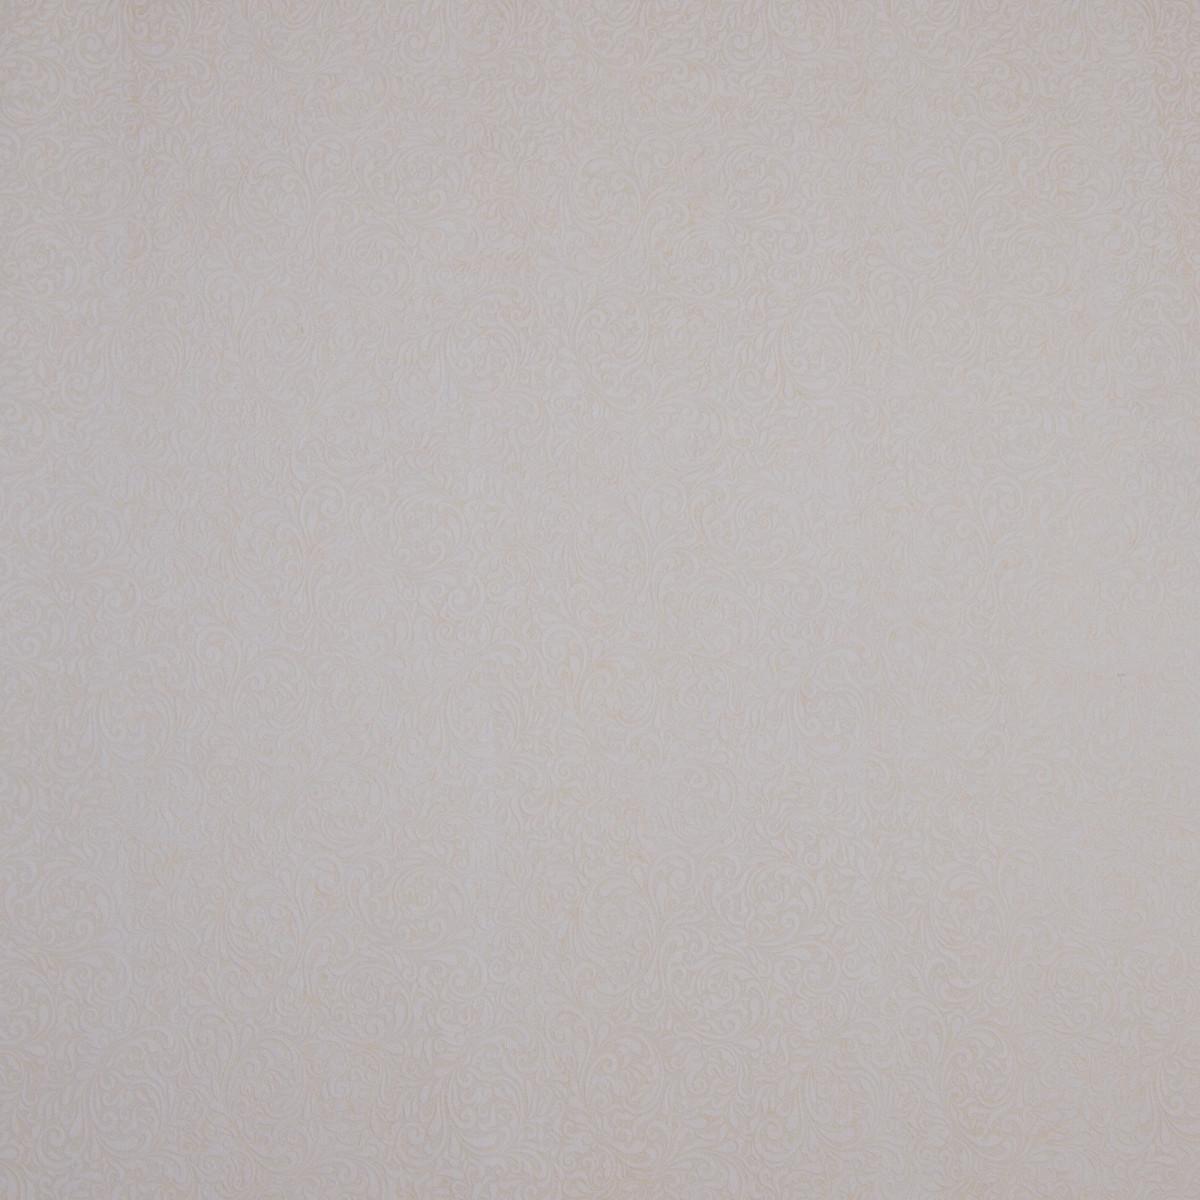 Обои на флизелиновой основе 1.06х10 м цвет коричневый АС Пал 30013-23